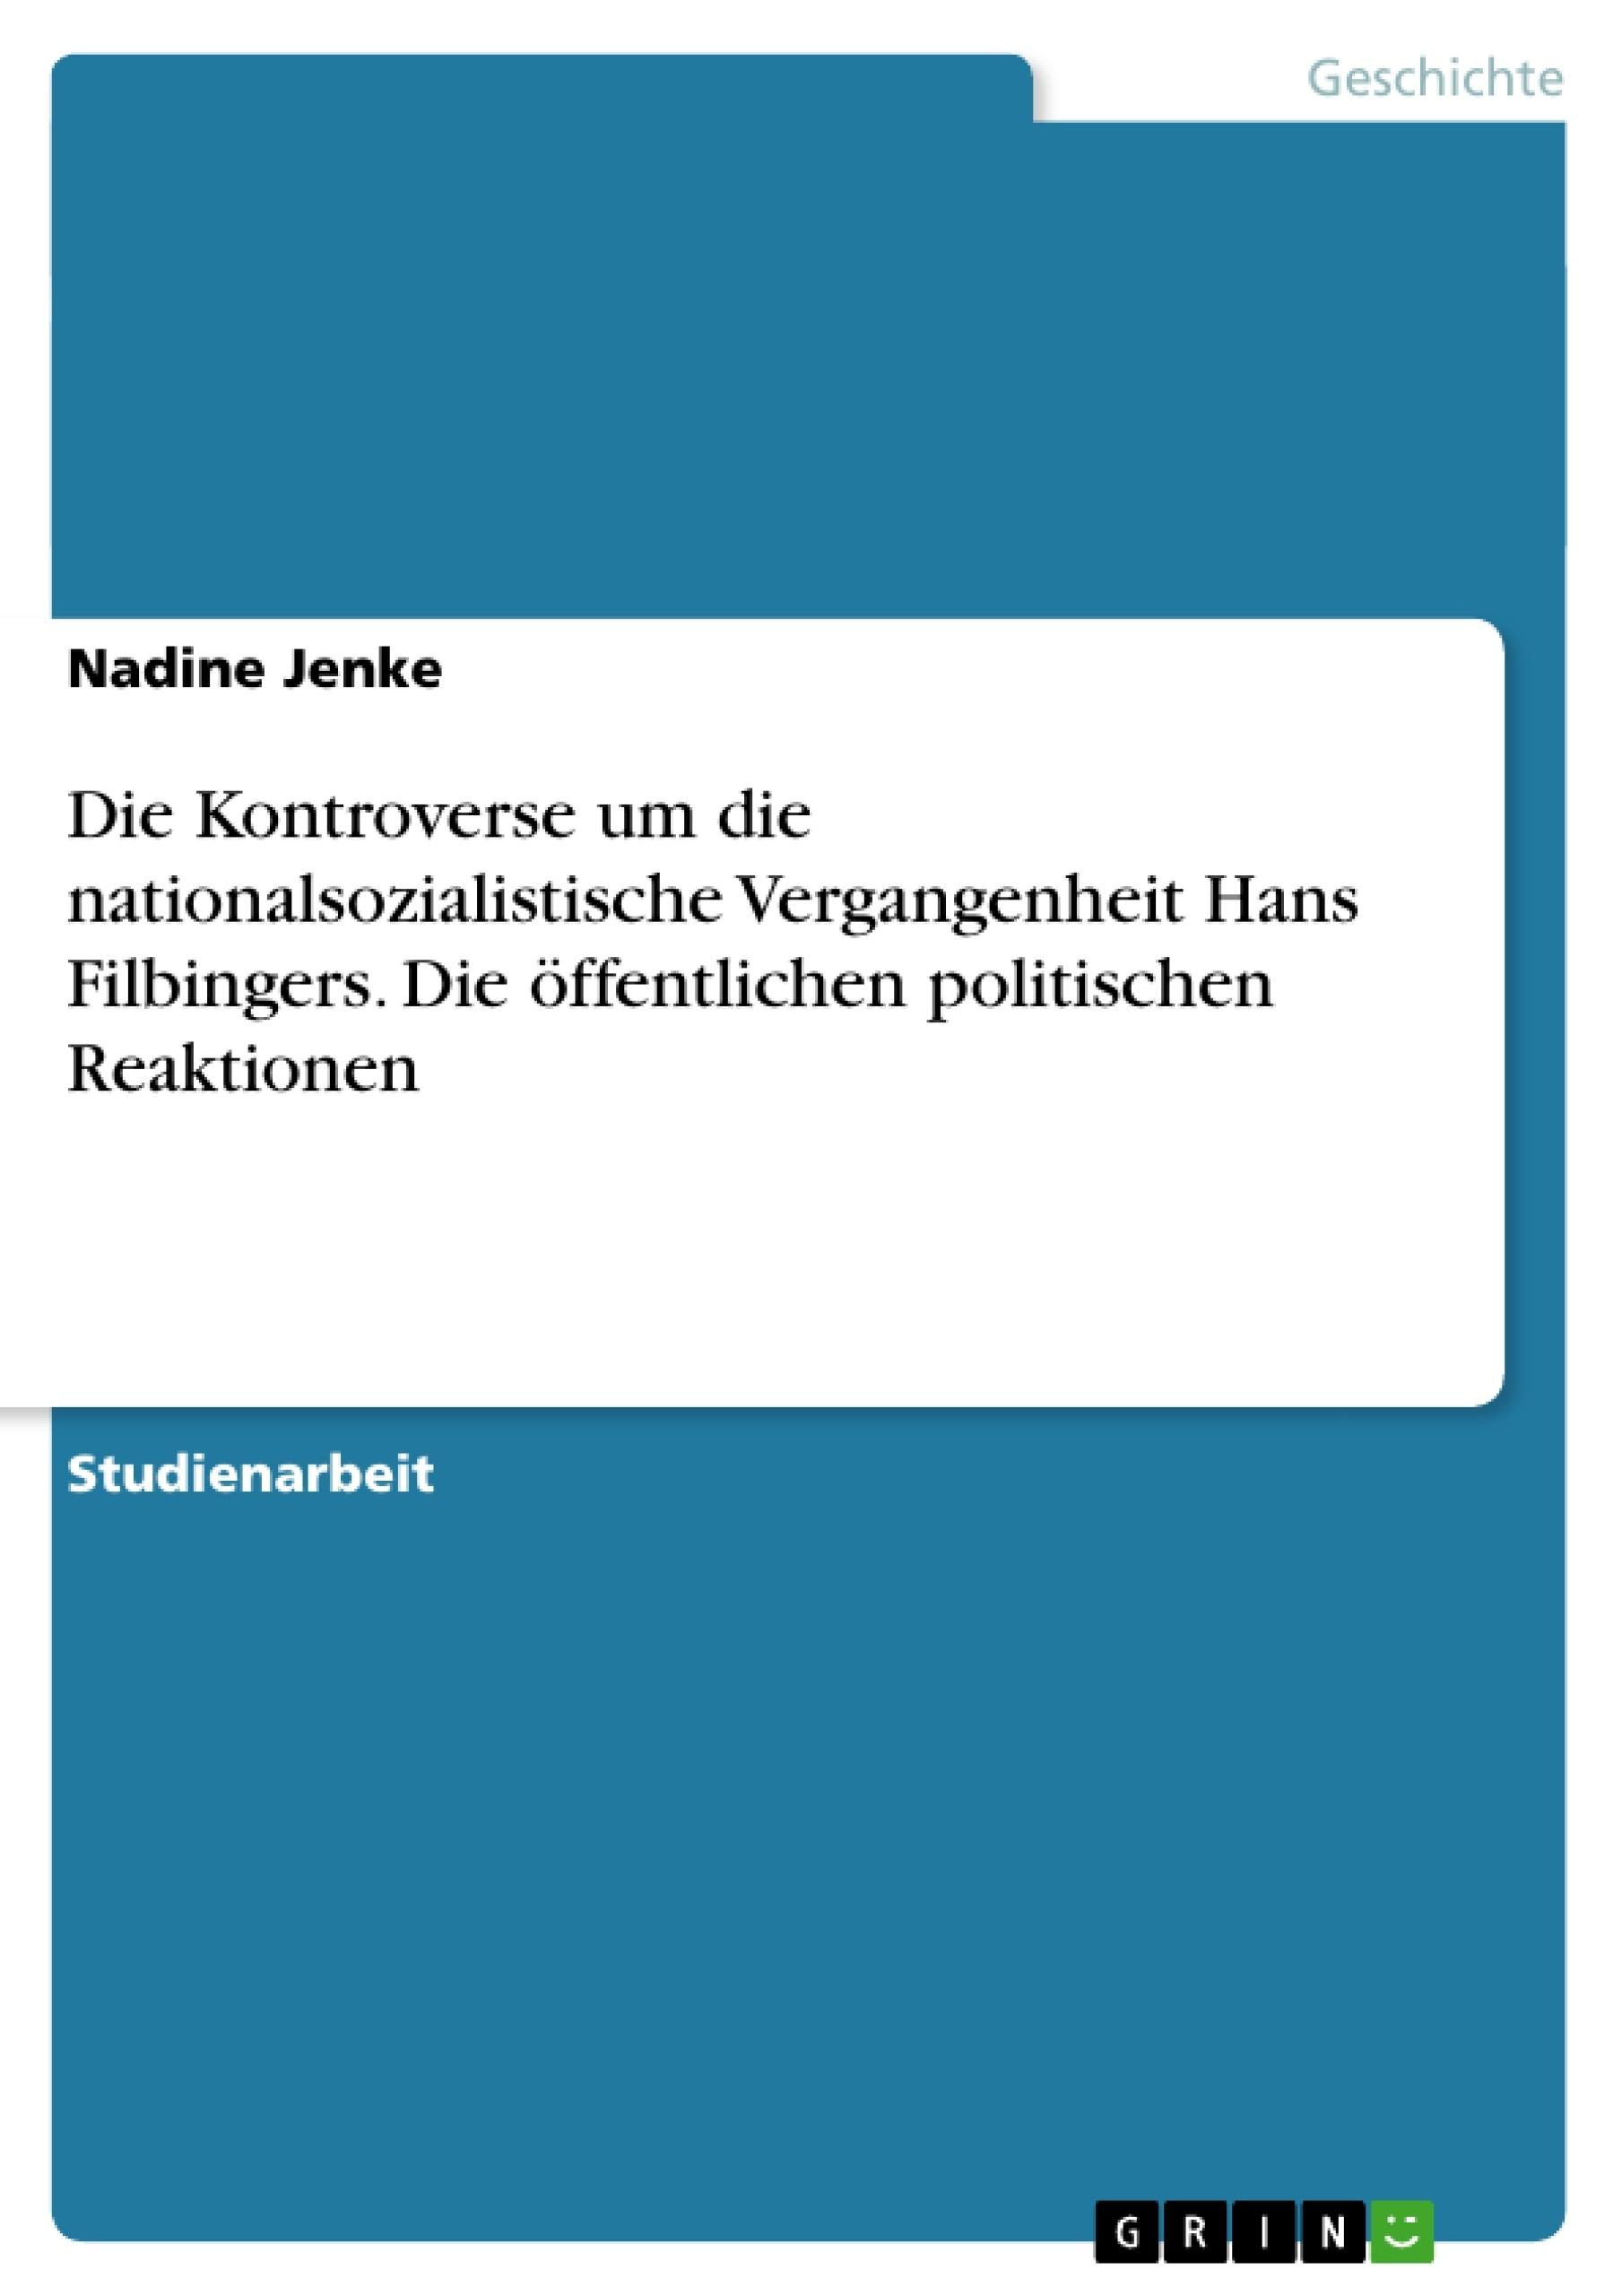 Titel: Die Kontroverse um die nationalsozialistische Vergangenheit Hans Filbingers. Die öffentlichen politischen Reaktionen